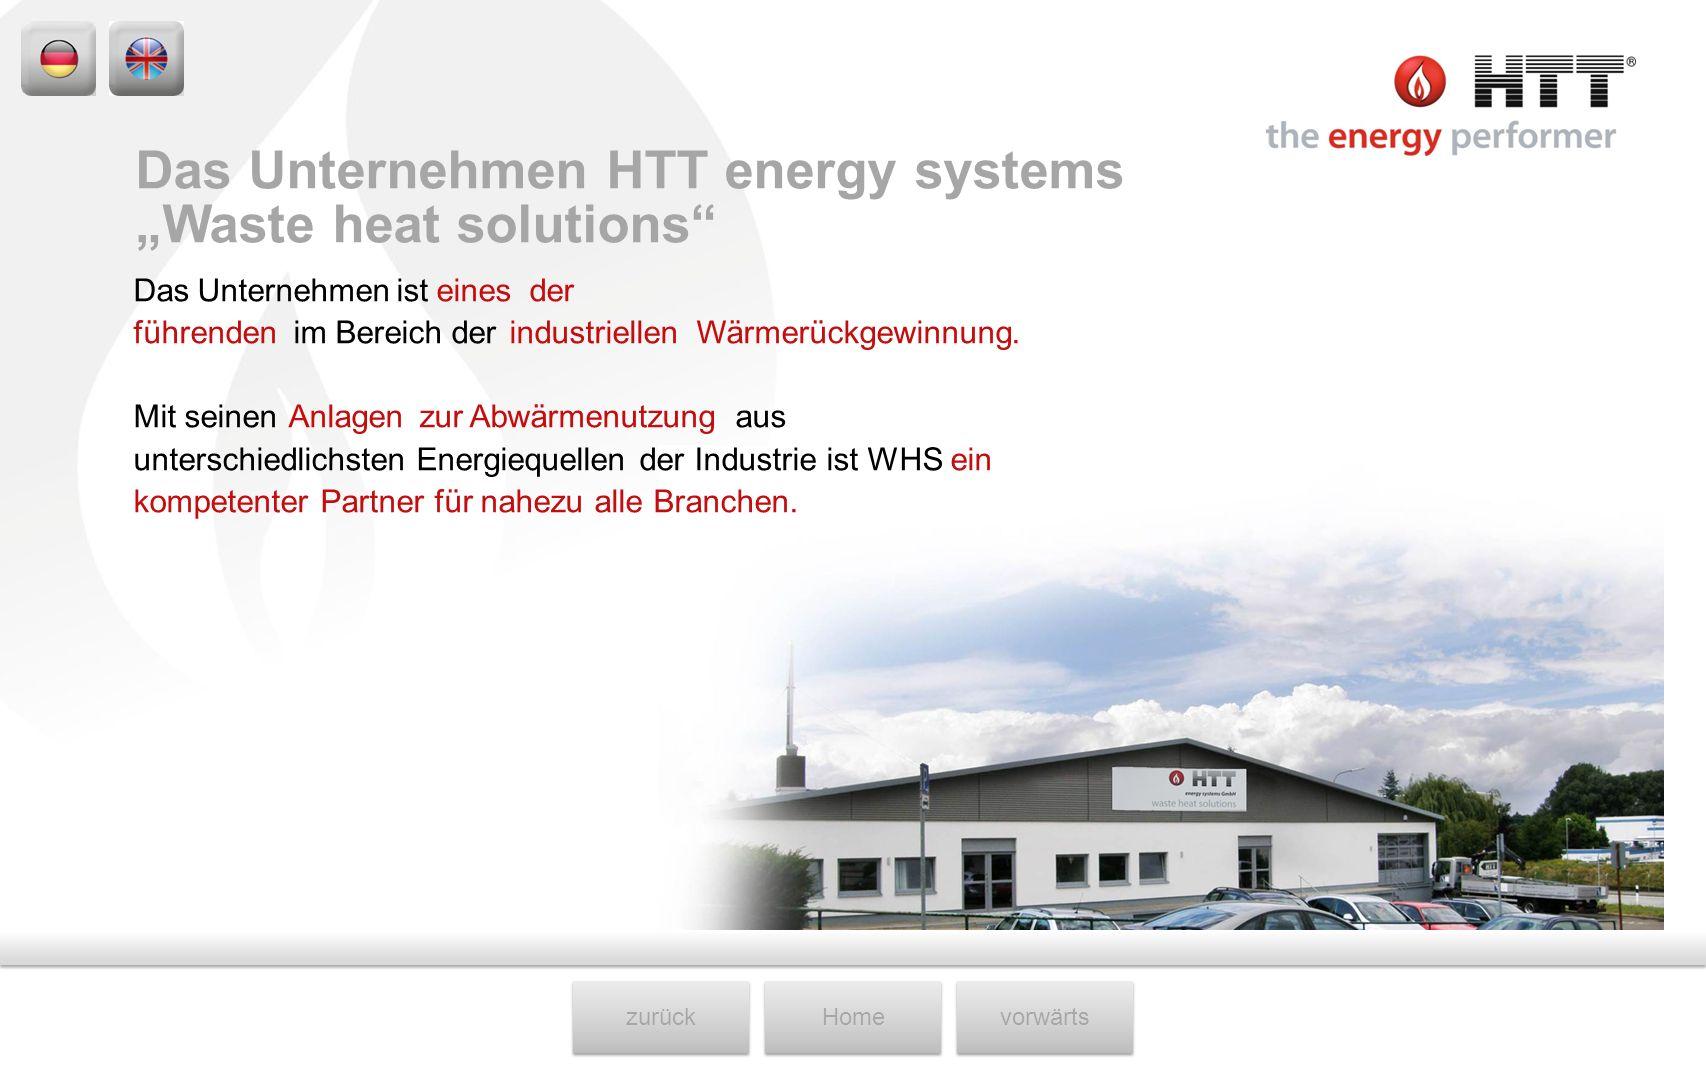 zurückHomevorwärts Das Unternehmen ist eines der führenden im Bereich der industriellen Wärmerückgewinnung. Mit seinen Anlagen zur Abwärmenutzung aus